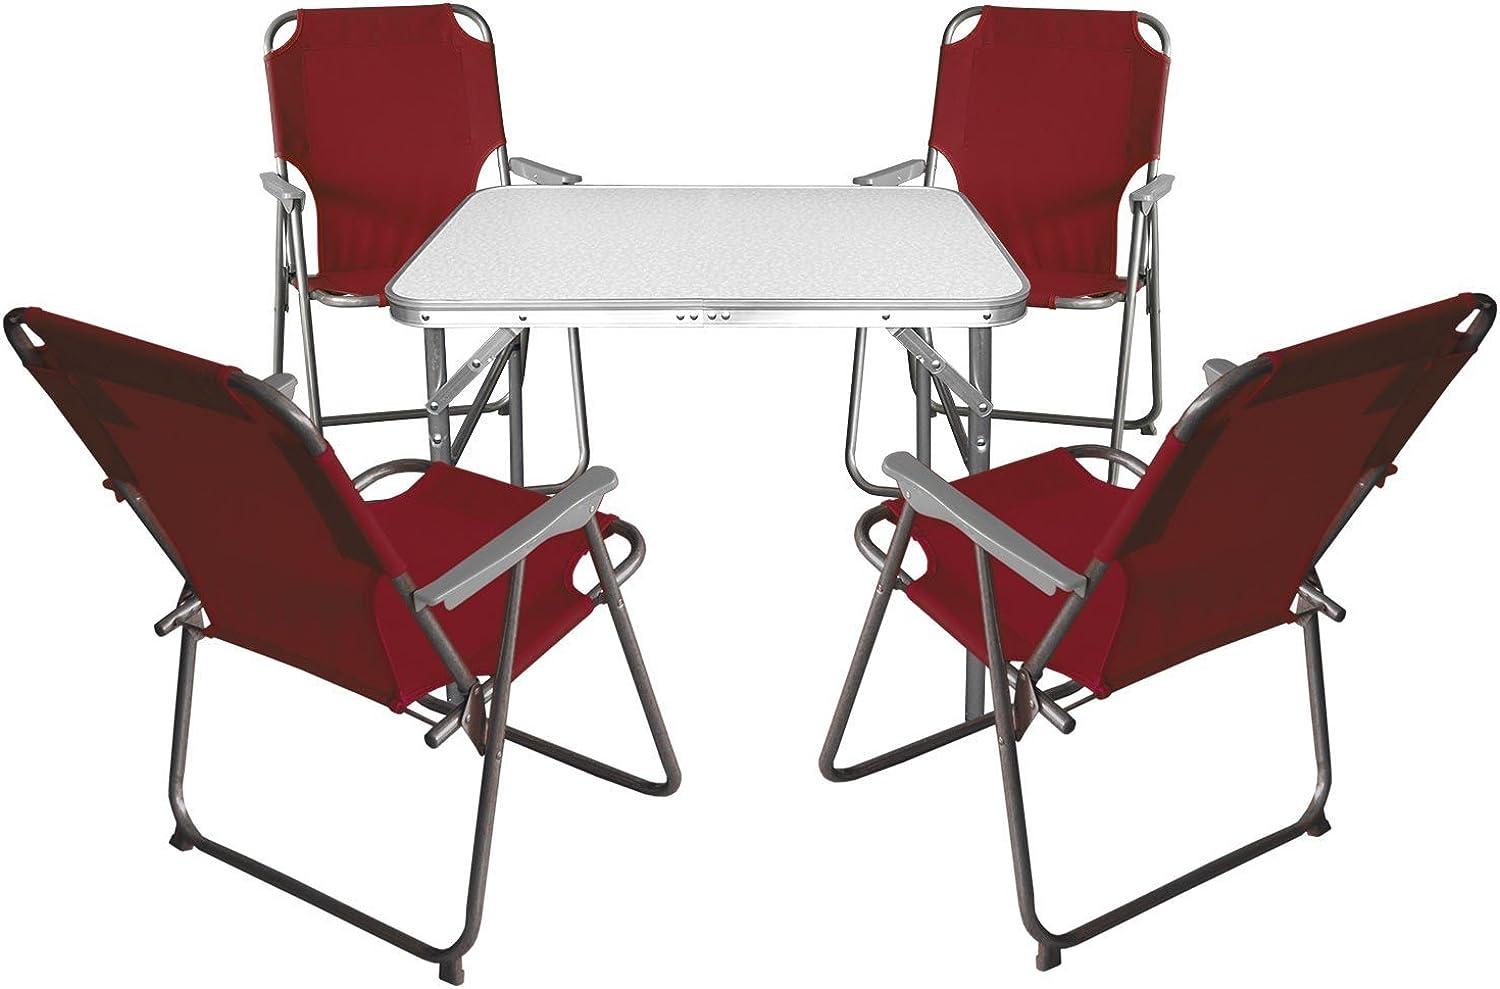 Multistore 2002 5tlg. Gartenmbel Campingmbel Set - Aluminium Klapptisch 55x75cm + 4X Klappstuhl Campingstuhl Rot